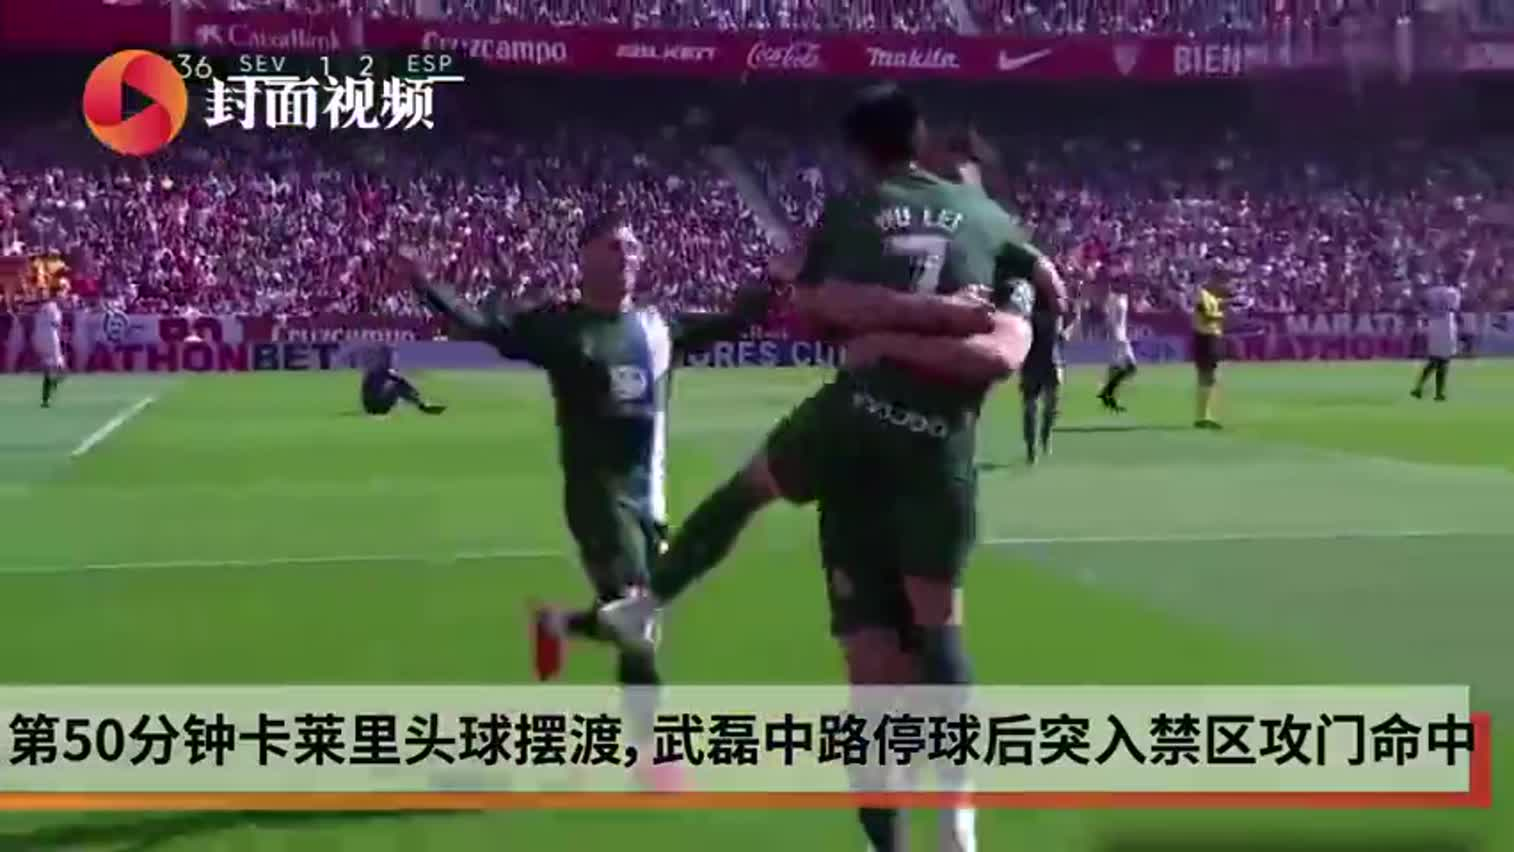 视频-武磊进球助西班牙人摆脱榜尾 赛后被评为MV